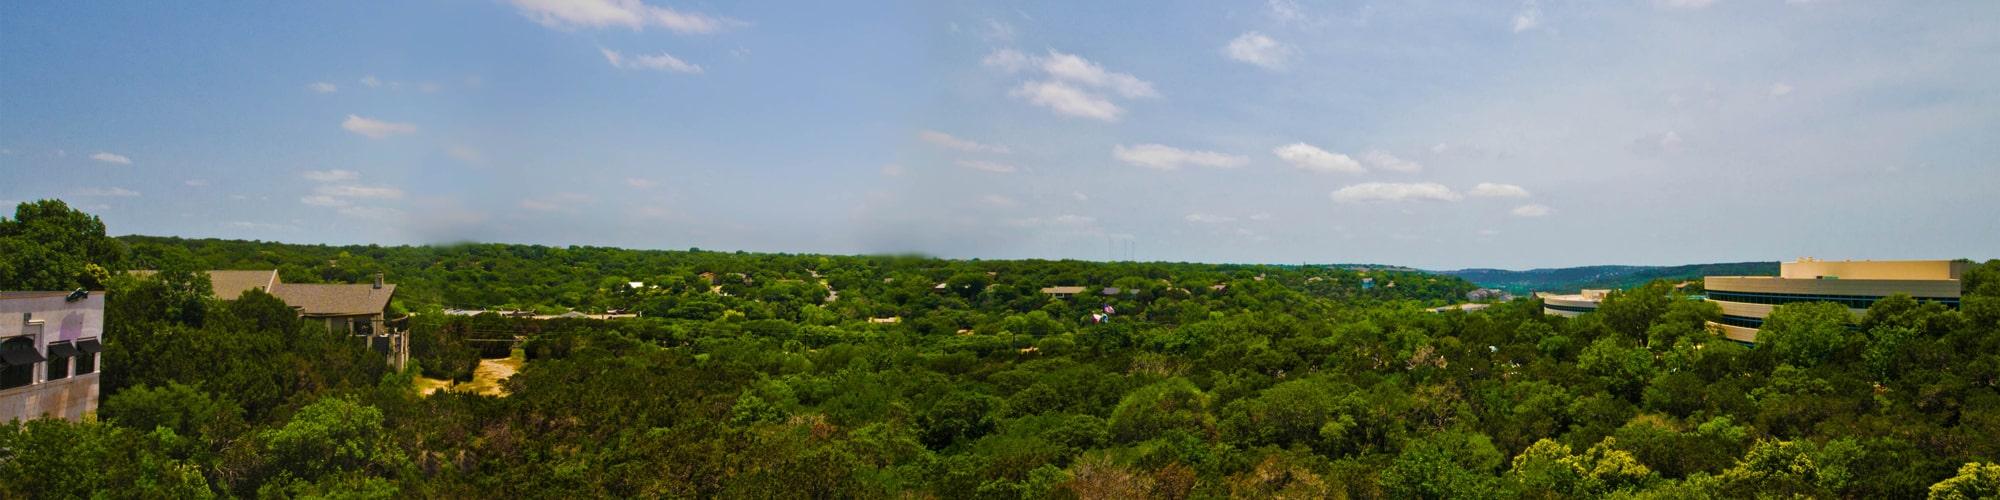 9500 Arboretum Hill Country View   9500 Arboretum Boulevard in Austin, Texas